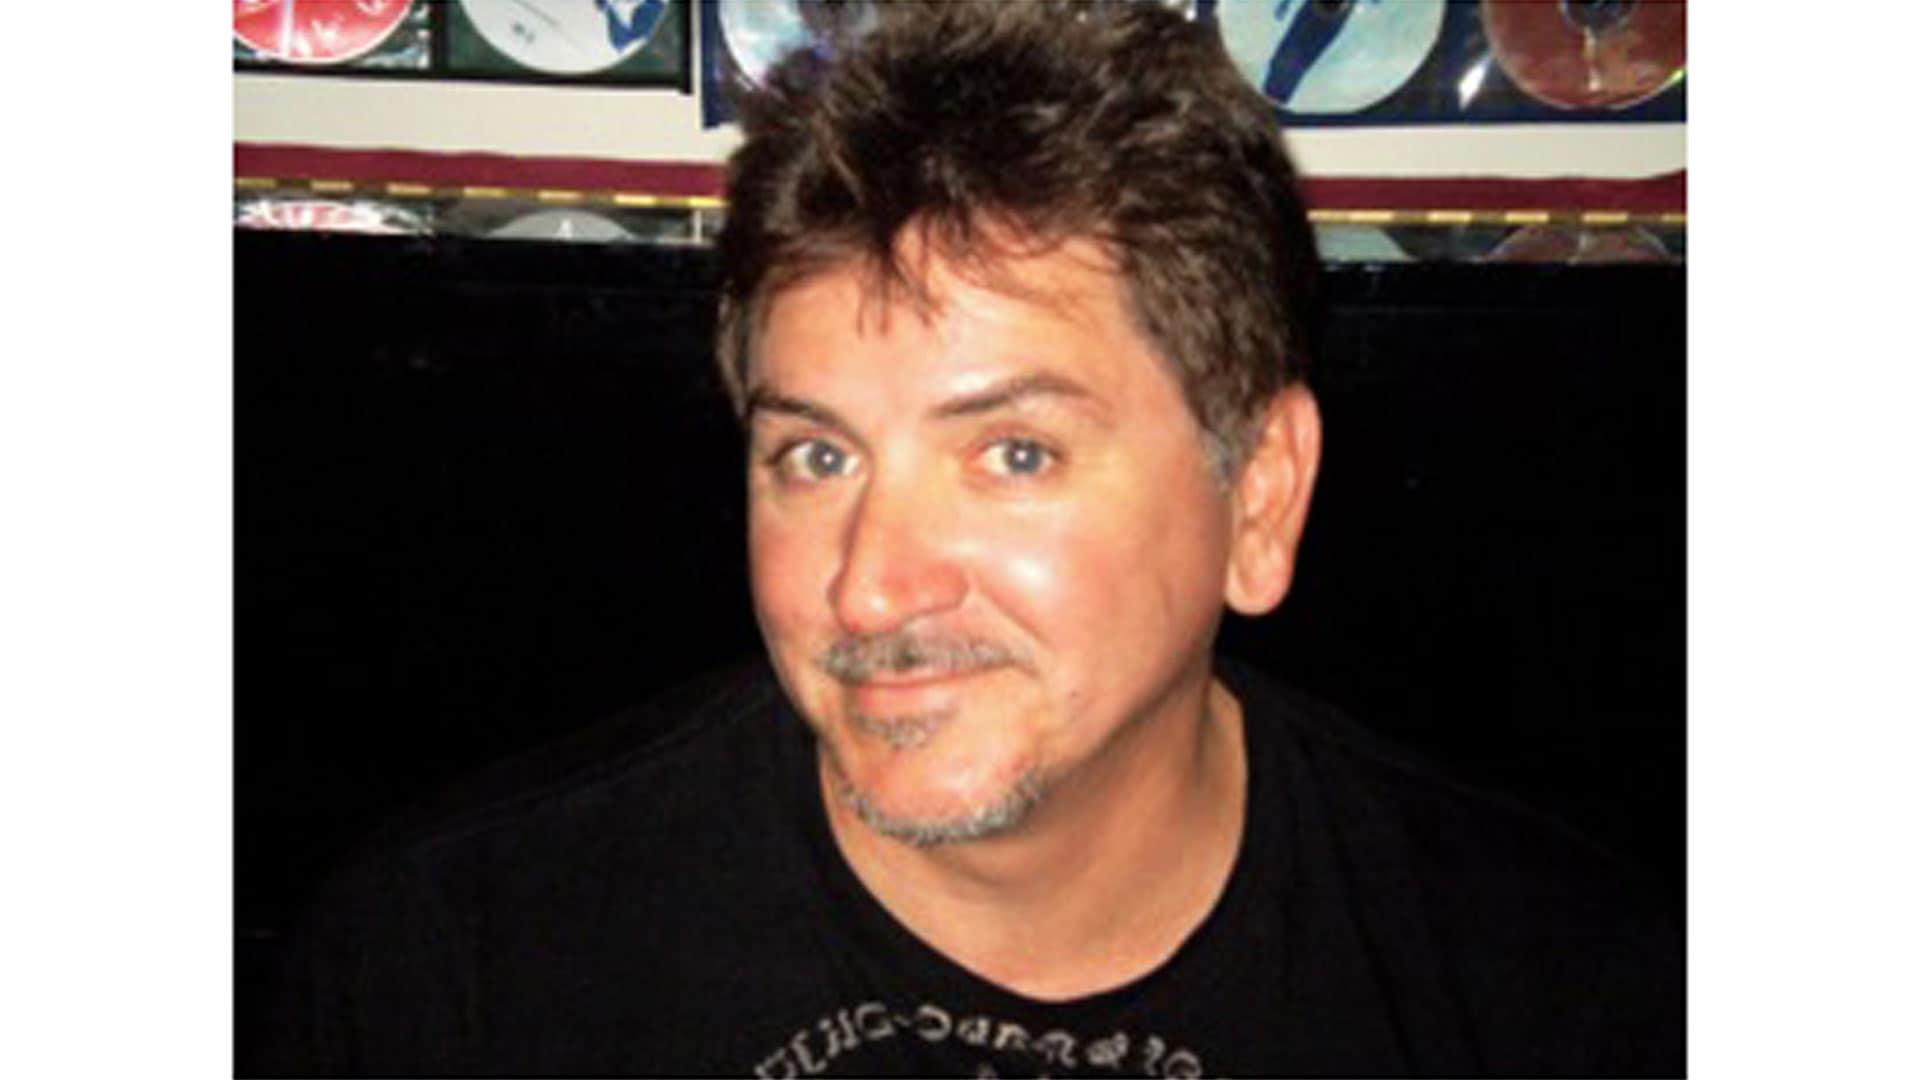 Music Supervisor Jim Laquidara - jim_laquidara